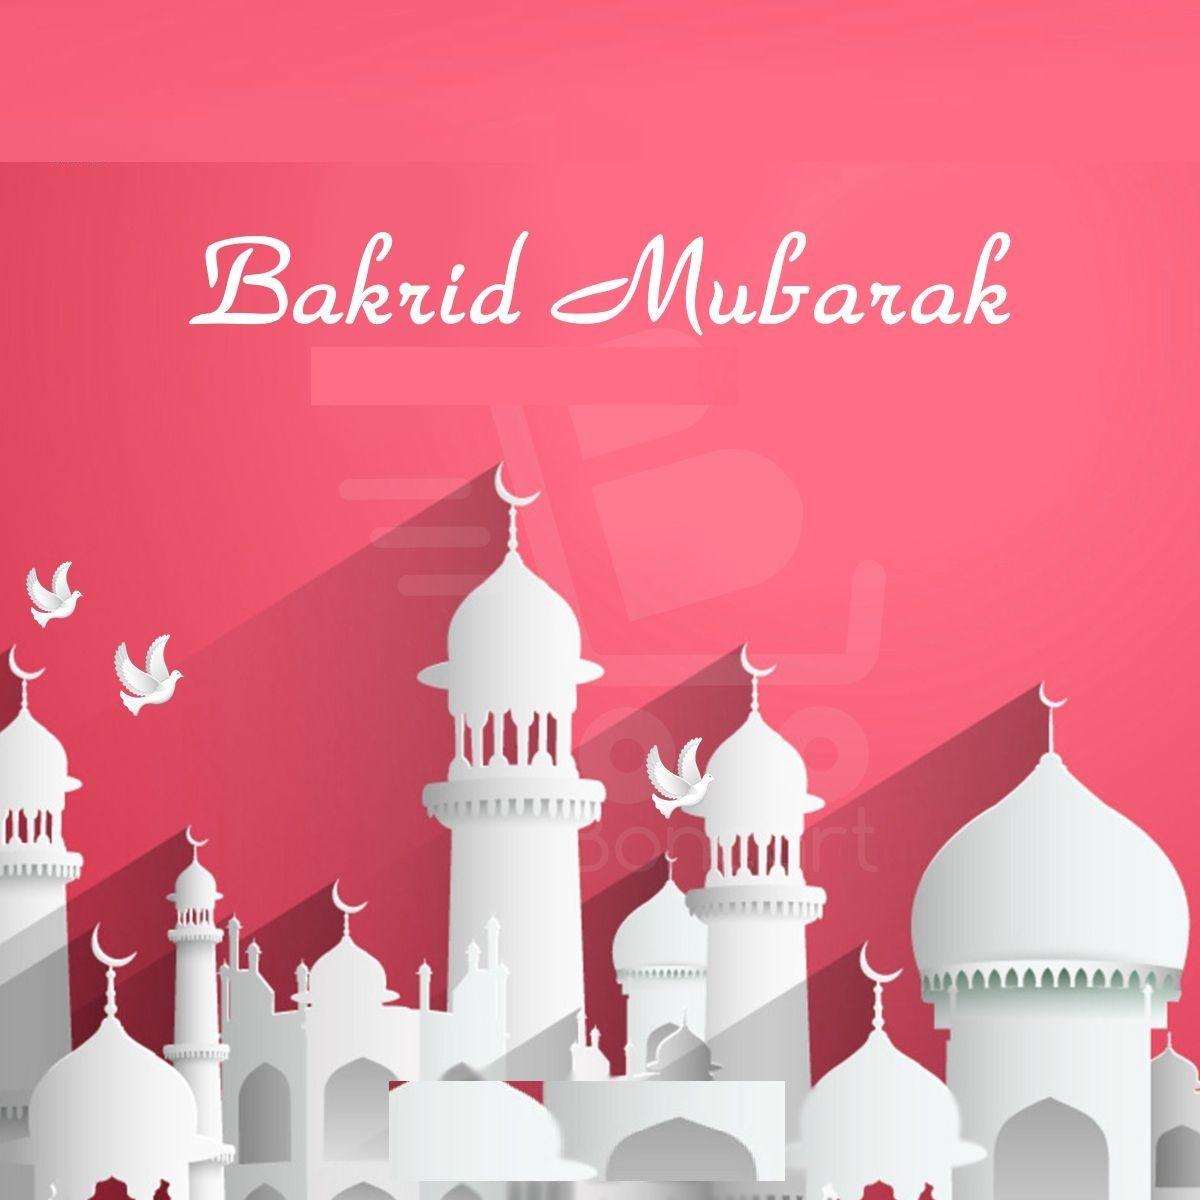 Bakrid Wishes 2020